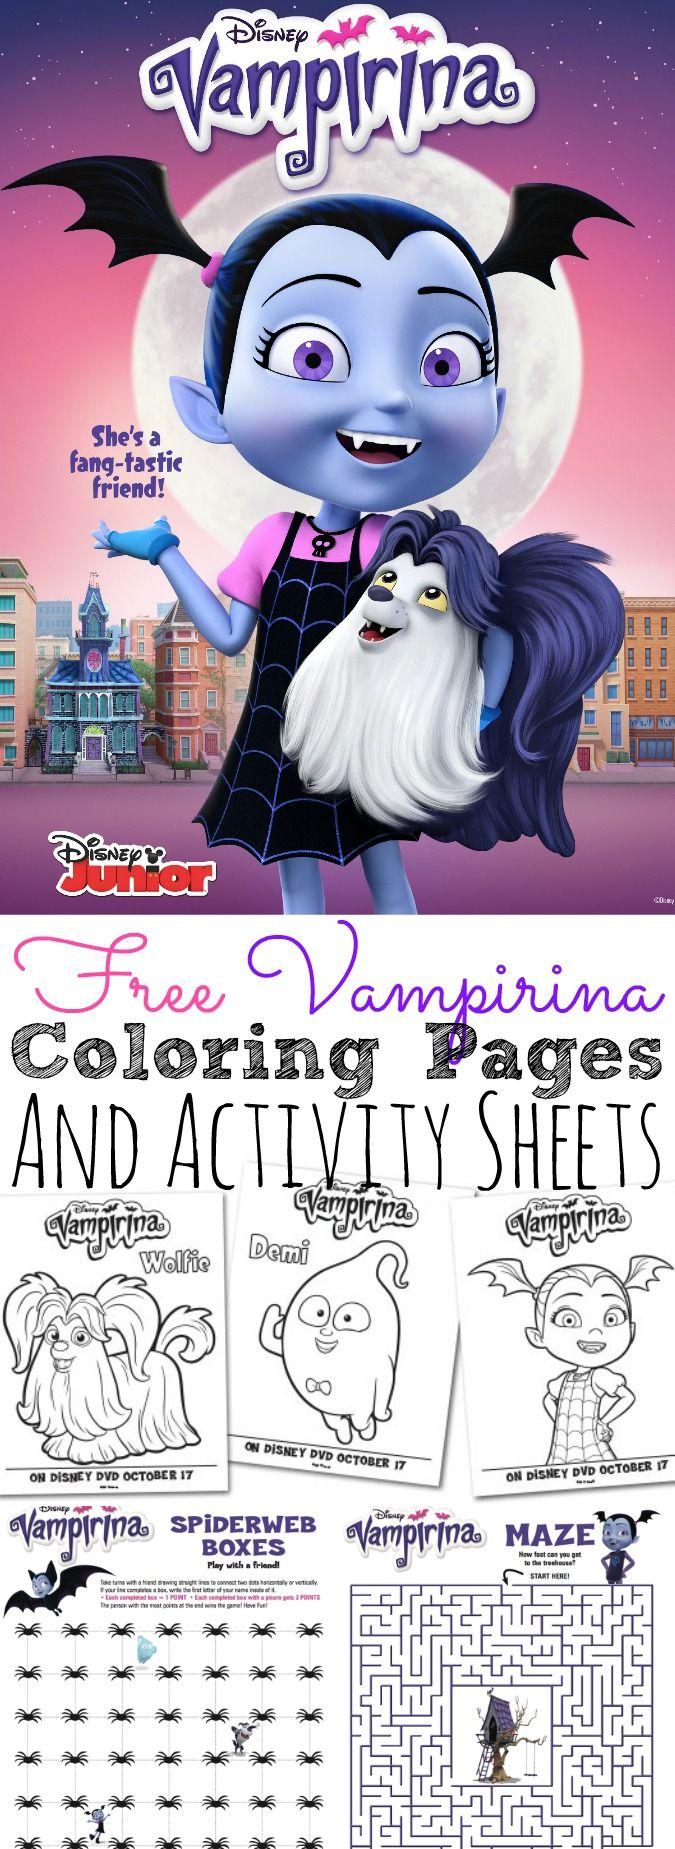 free disney vampirina coloring pages and activity sheets